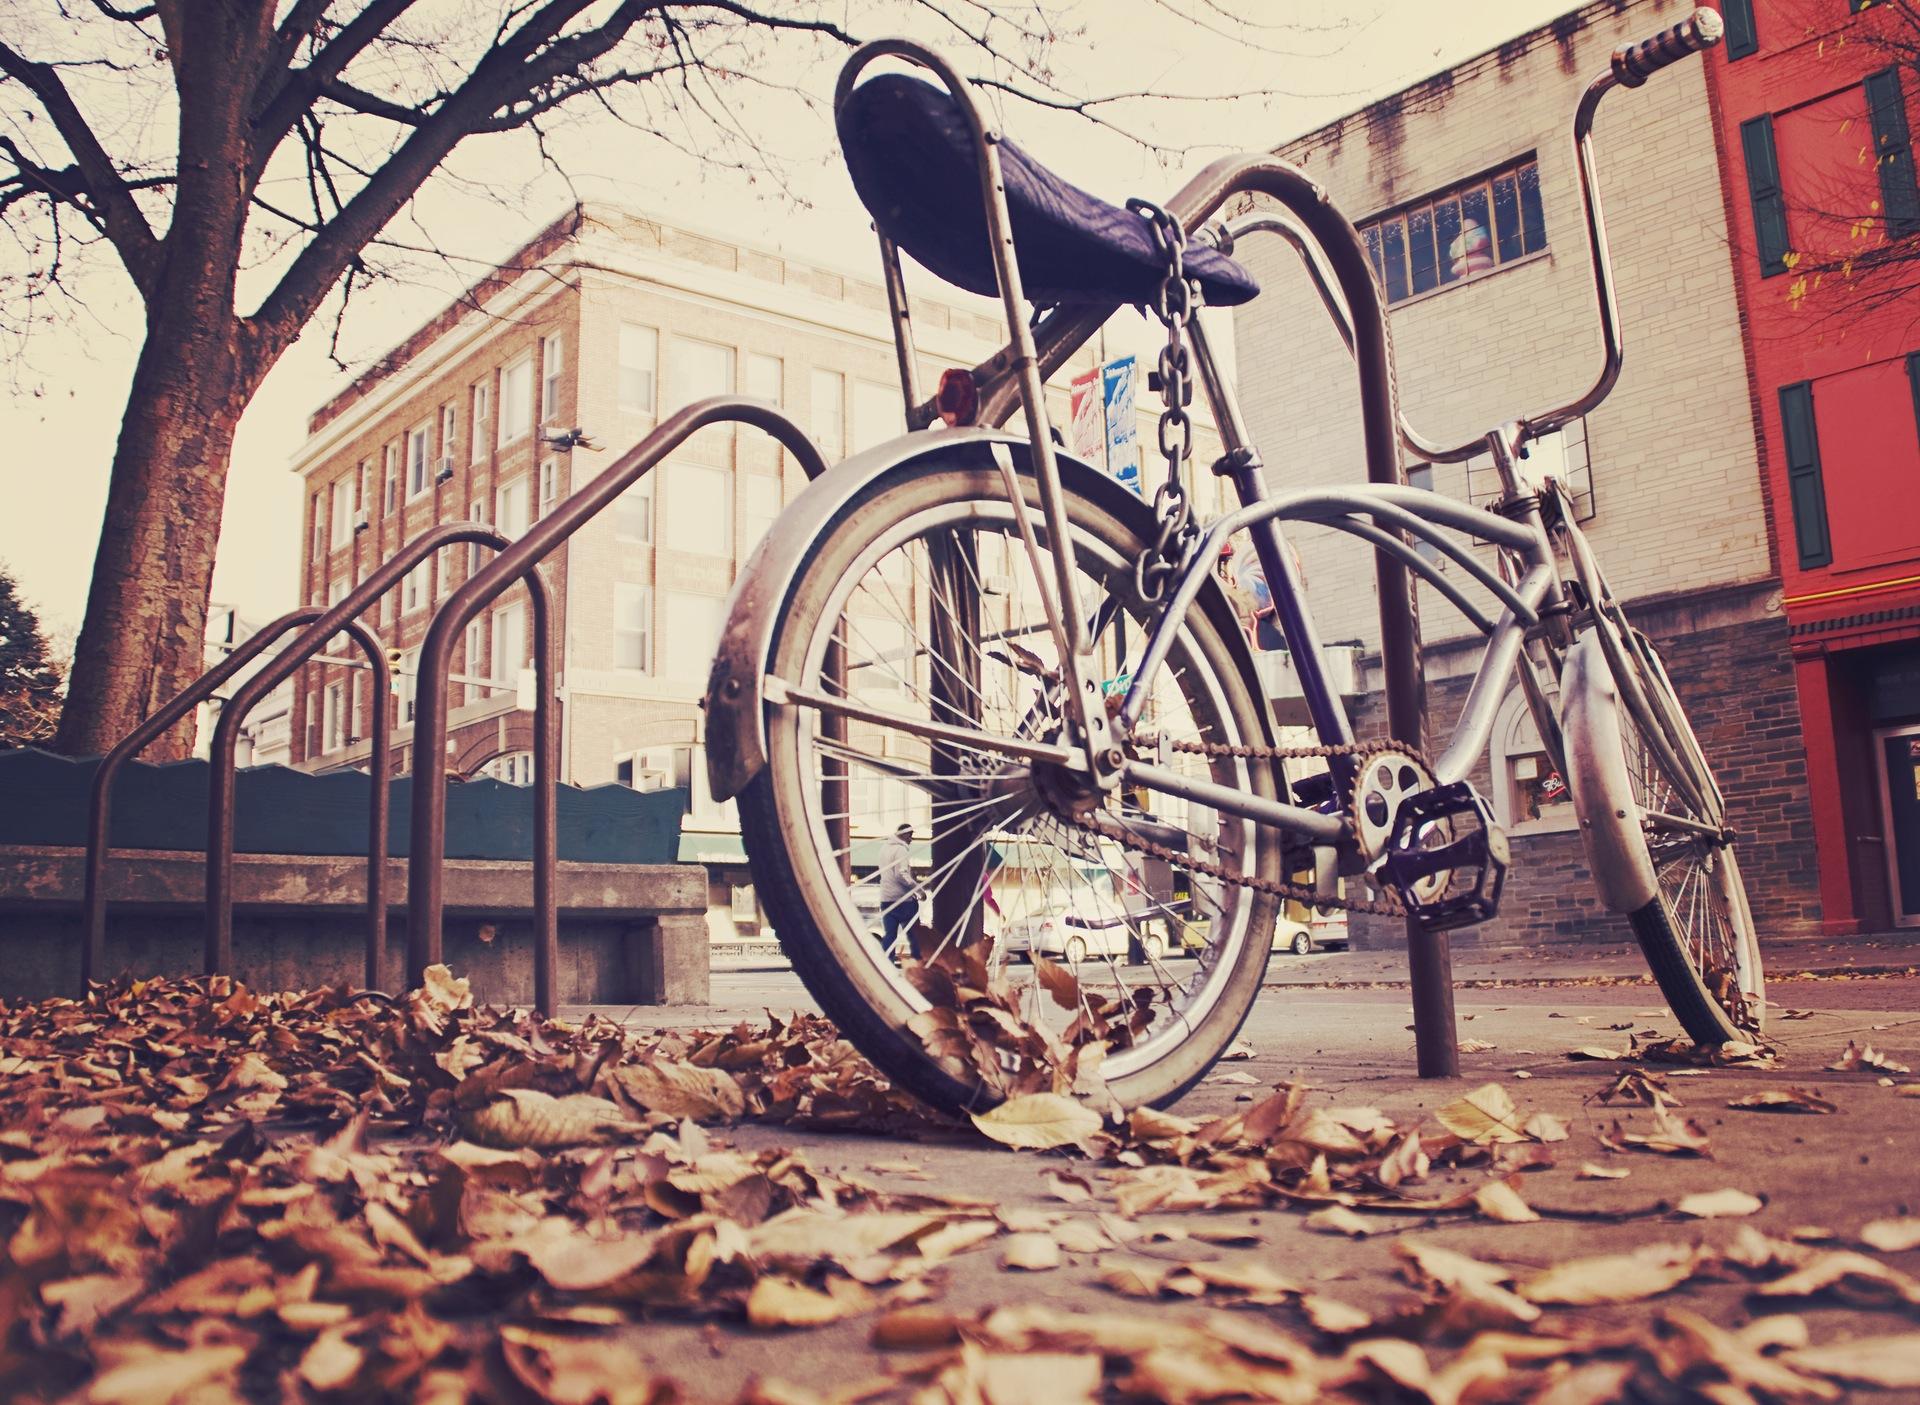 vélo, vieux, Vintage, chaîne, feuilles - Fonds d'écran HD - Professor-falken.com